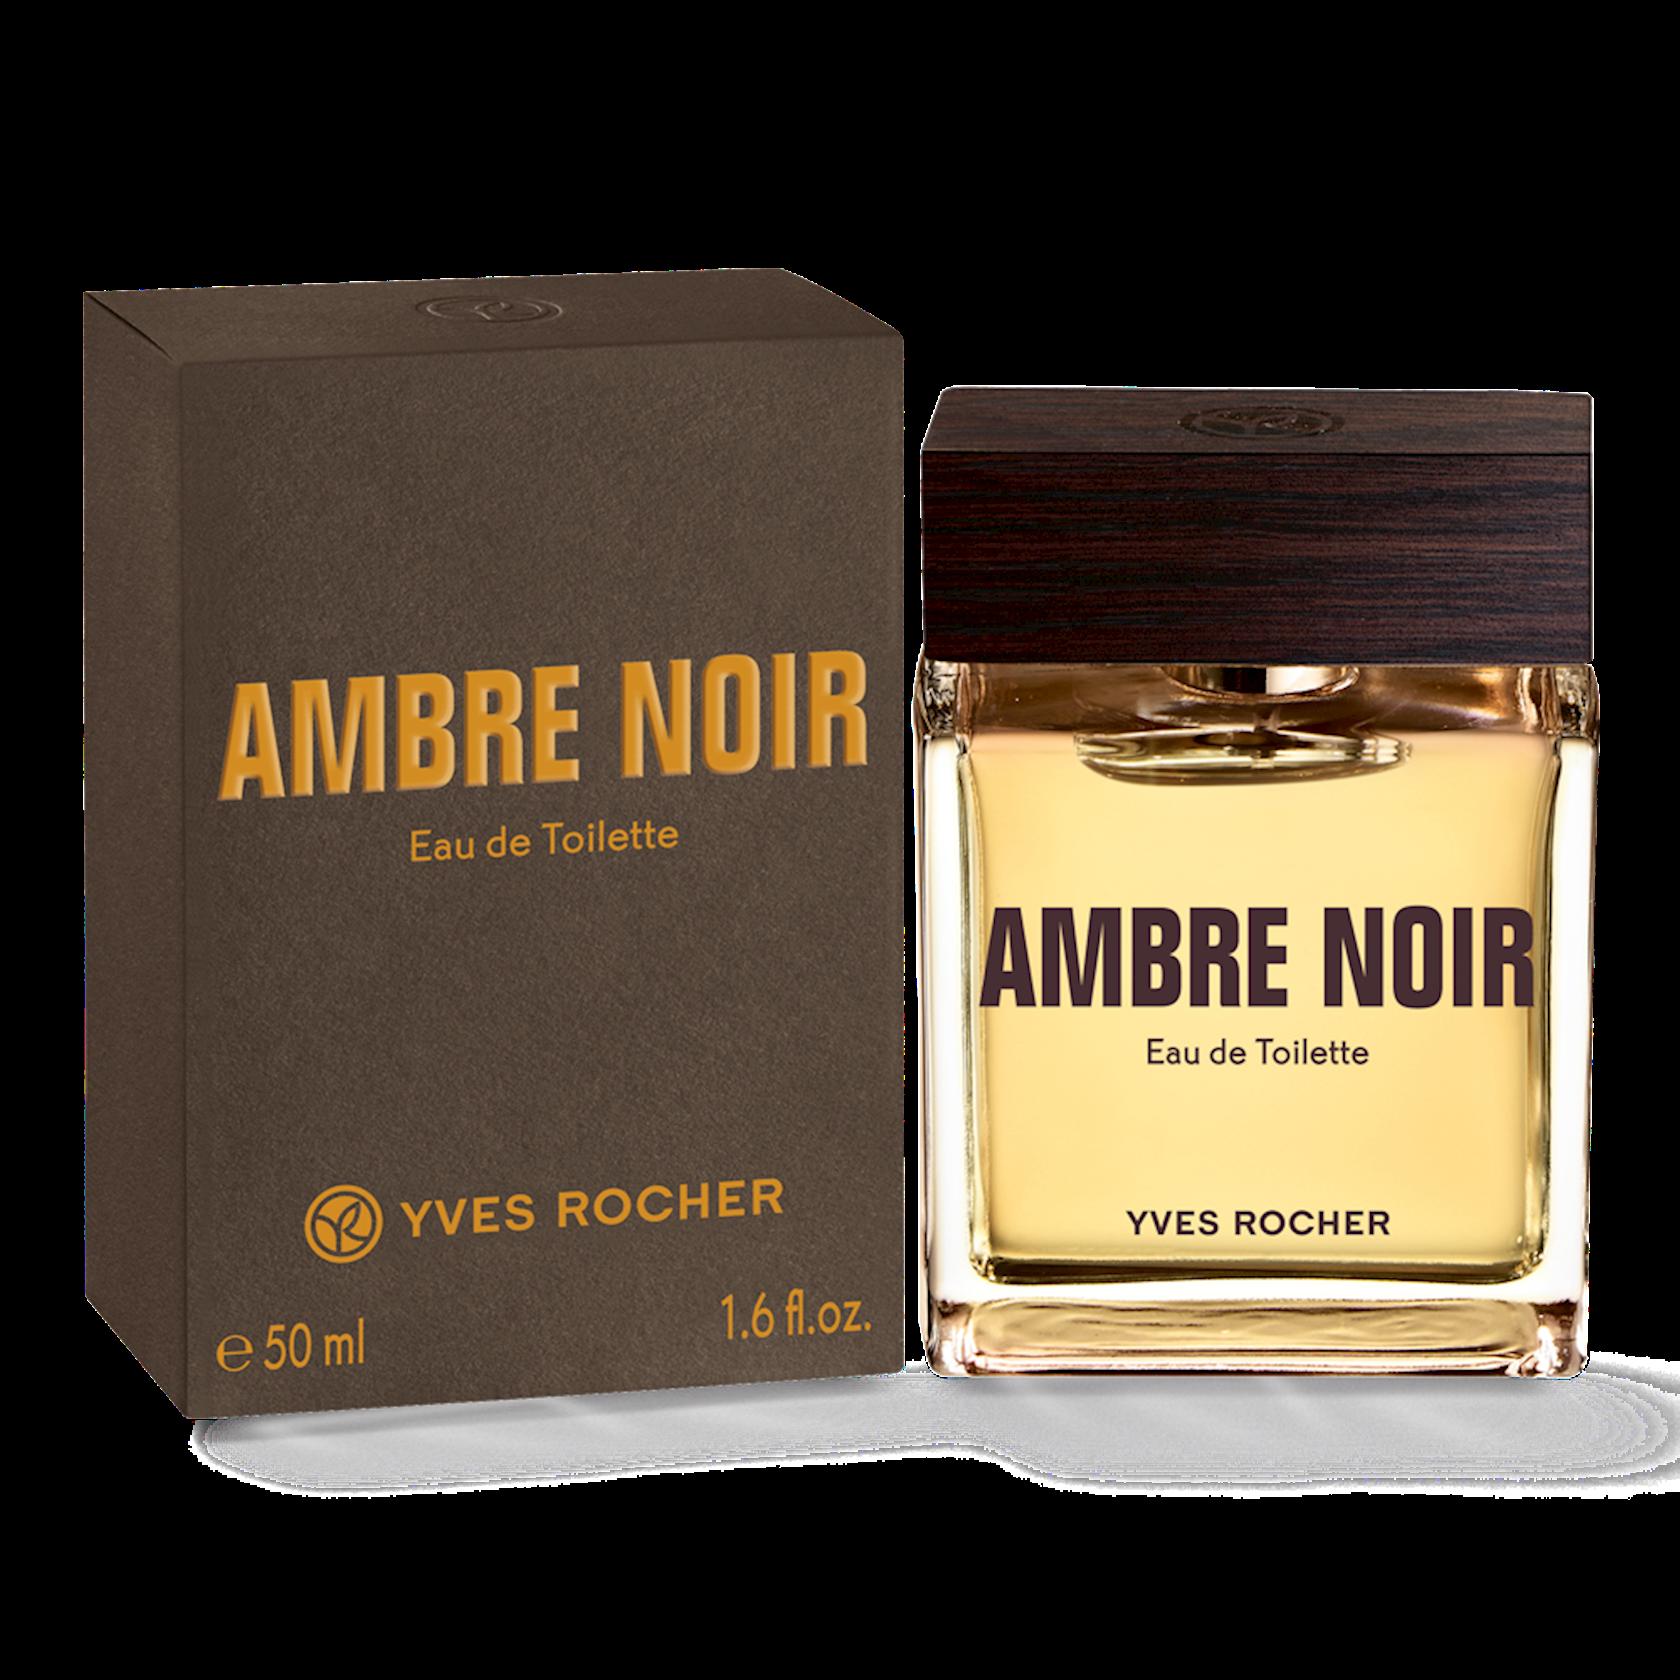 Kişilər üçün tualet suyu Yves Rocher Ambre Noir 50ml